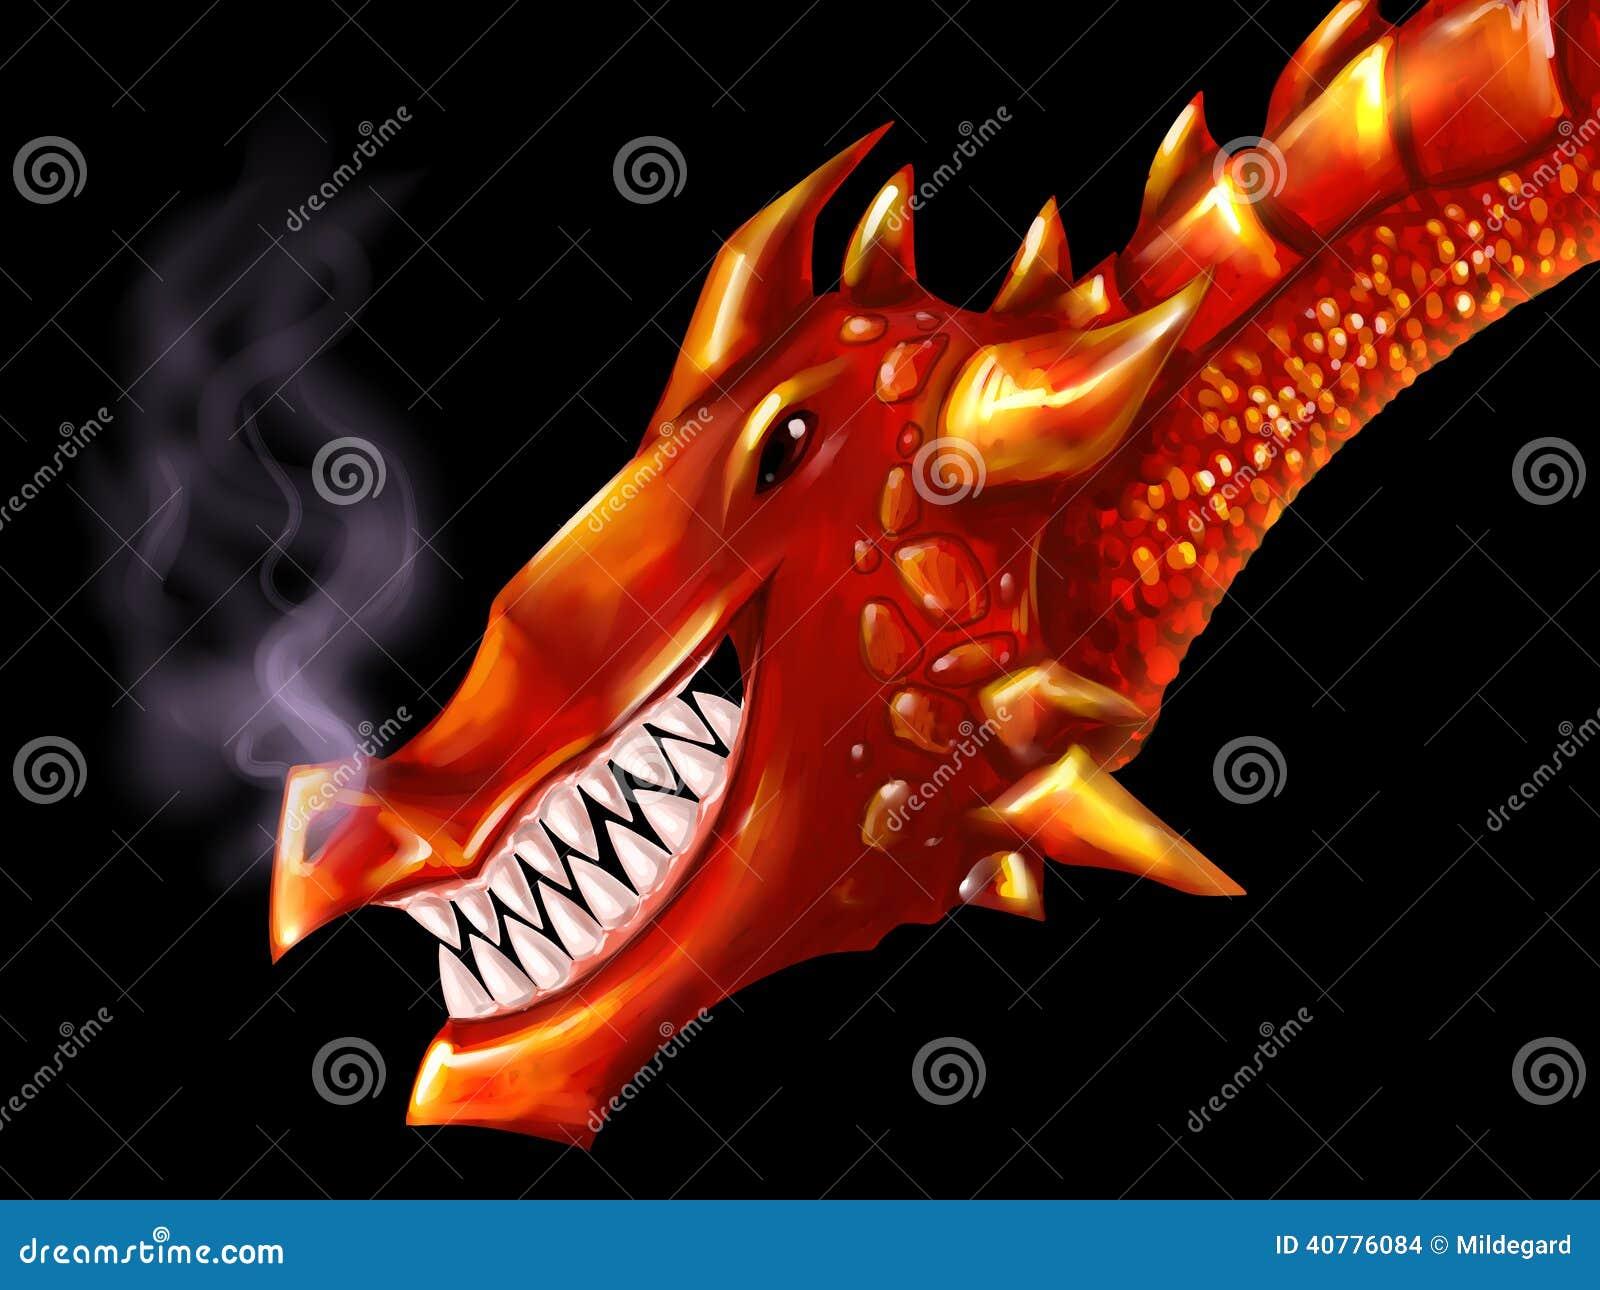 Cabeça vermelha do dragão